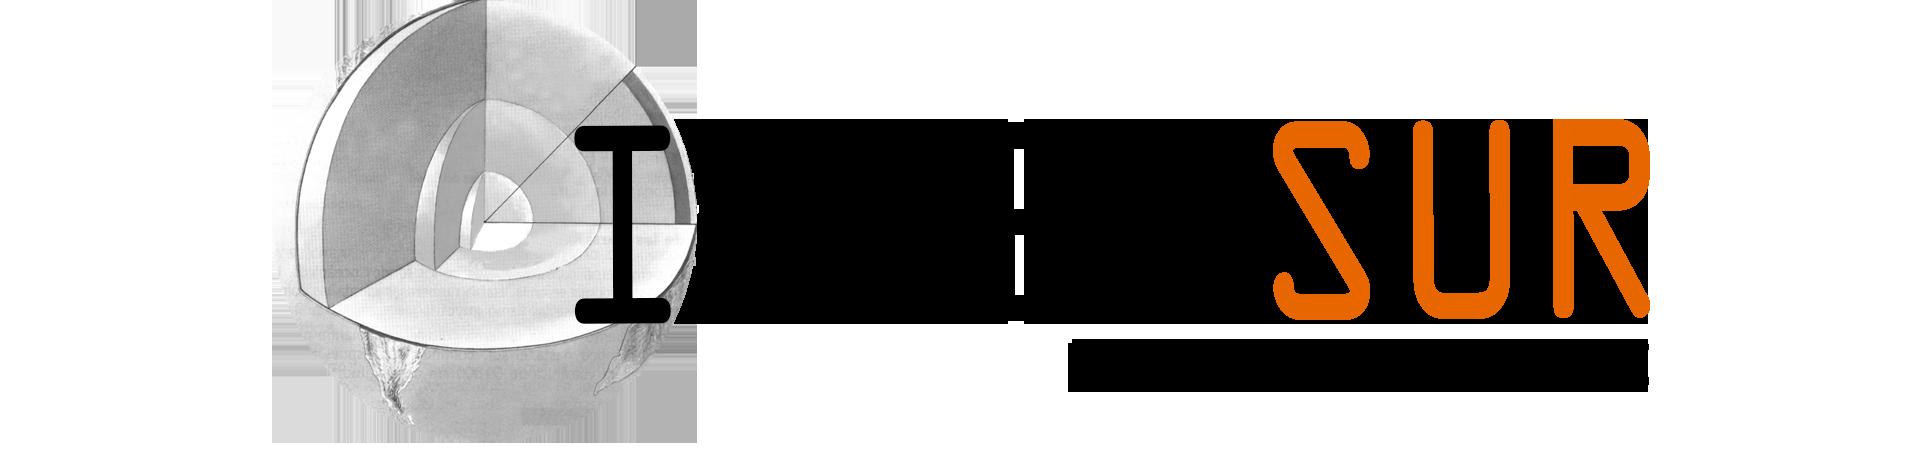 Ingeosur